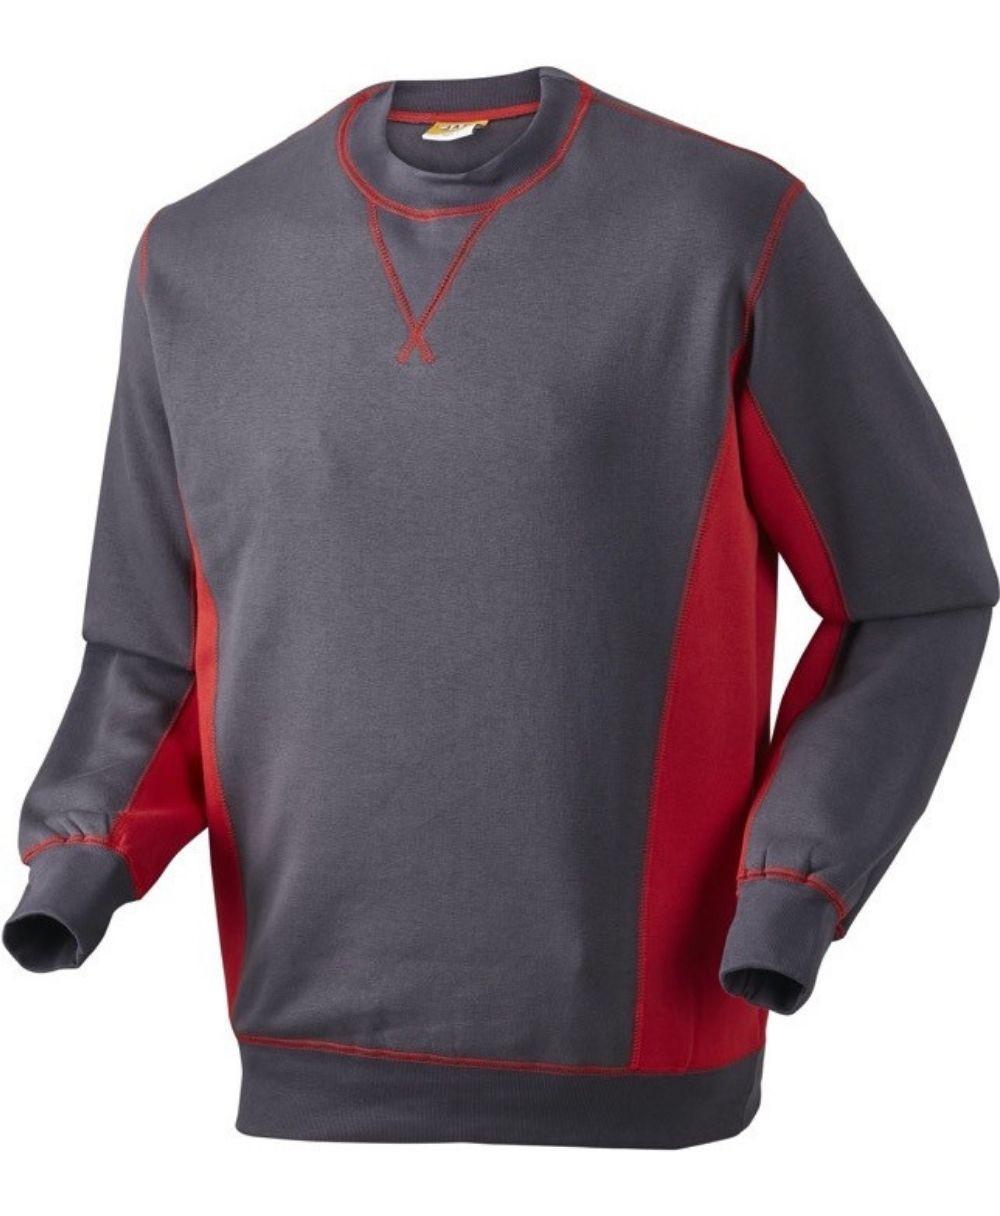 Sweatshirt, 1626 - Grå/Rød